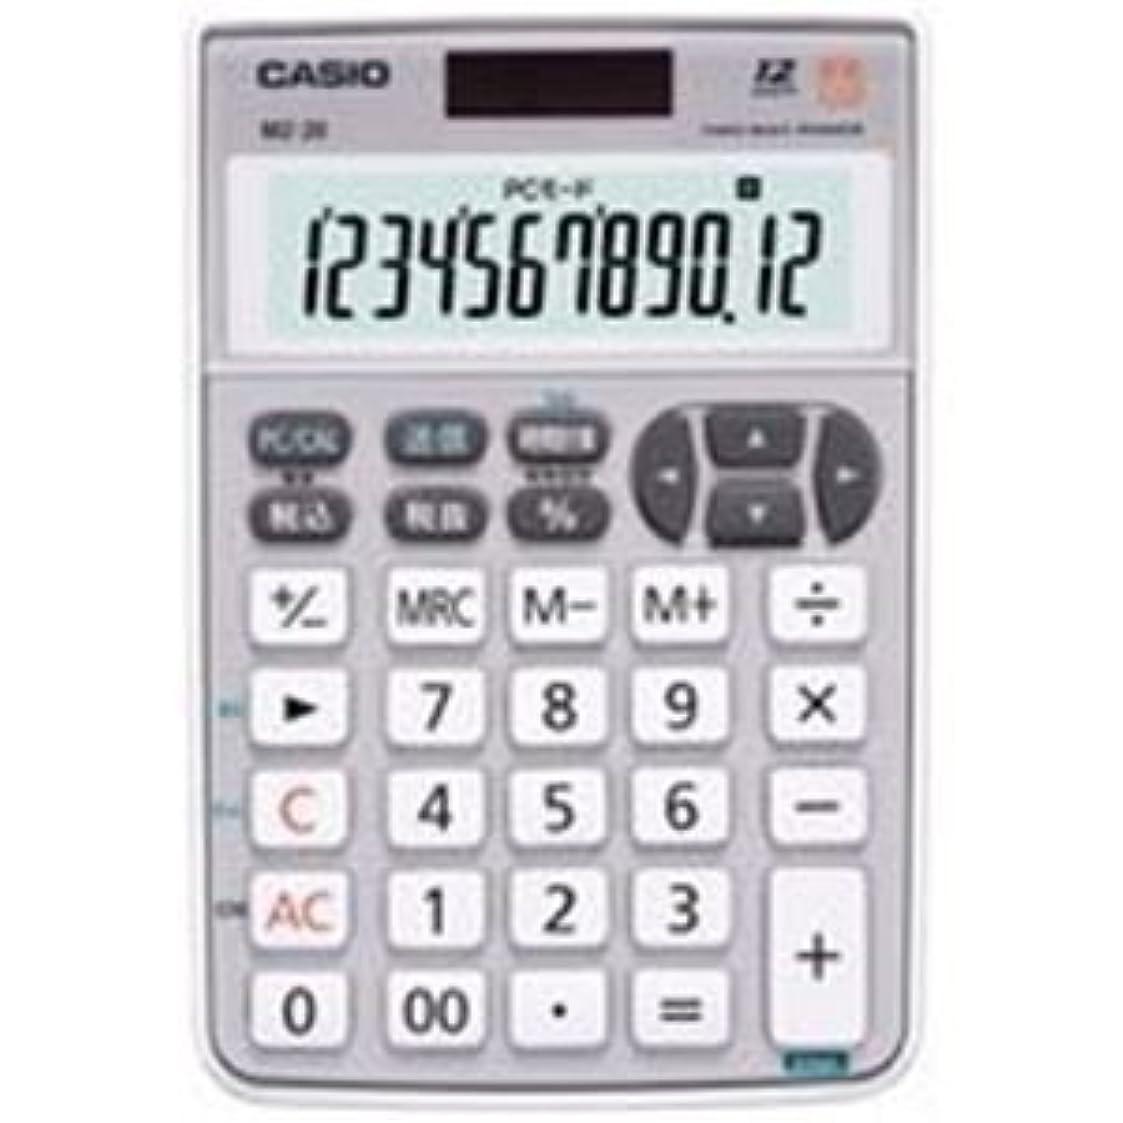 タールドロップナラーバー(業務用10セット) カシオ計算機(CASIO) テンキー電卓 MZ-20-SR-N AV デジモノ パソコン 周辺機器 その他のパソコン 周辺機器 [並行輸入品]